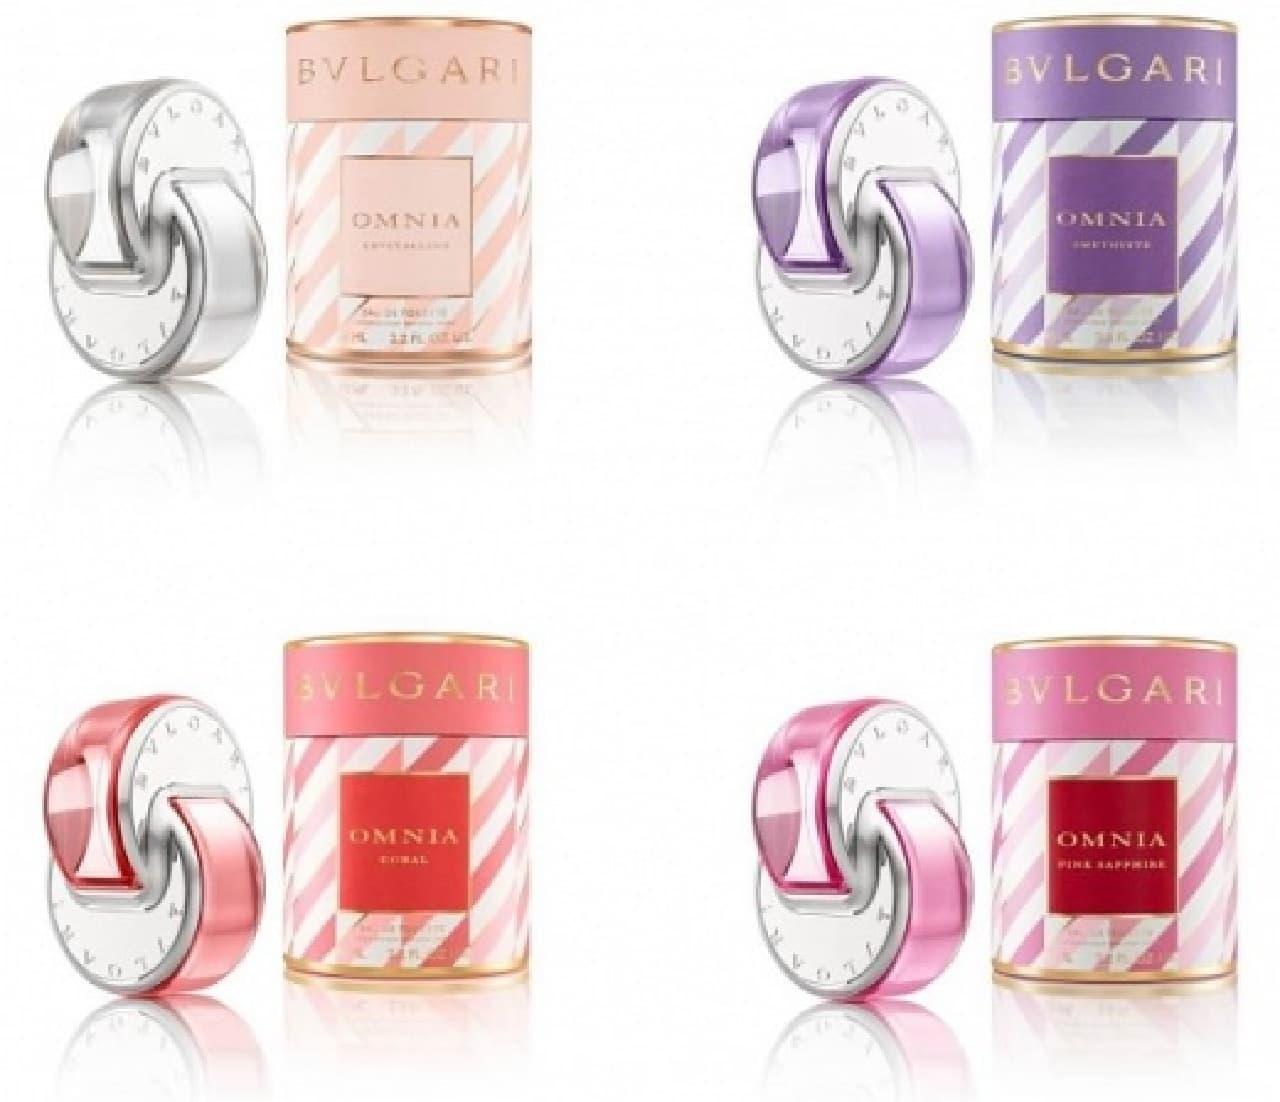 ブルガリ香水「オムニア」の限定コレクション